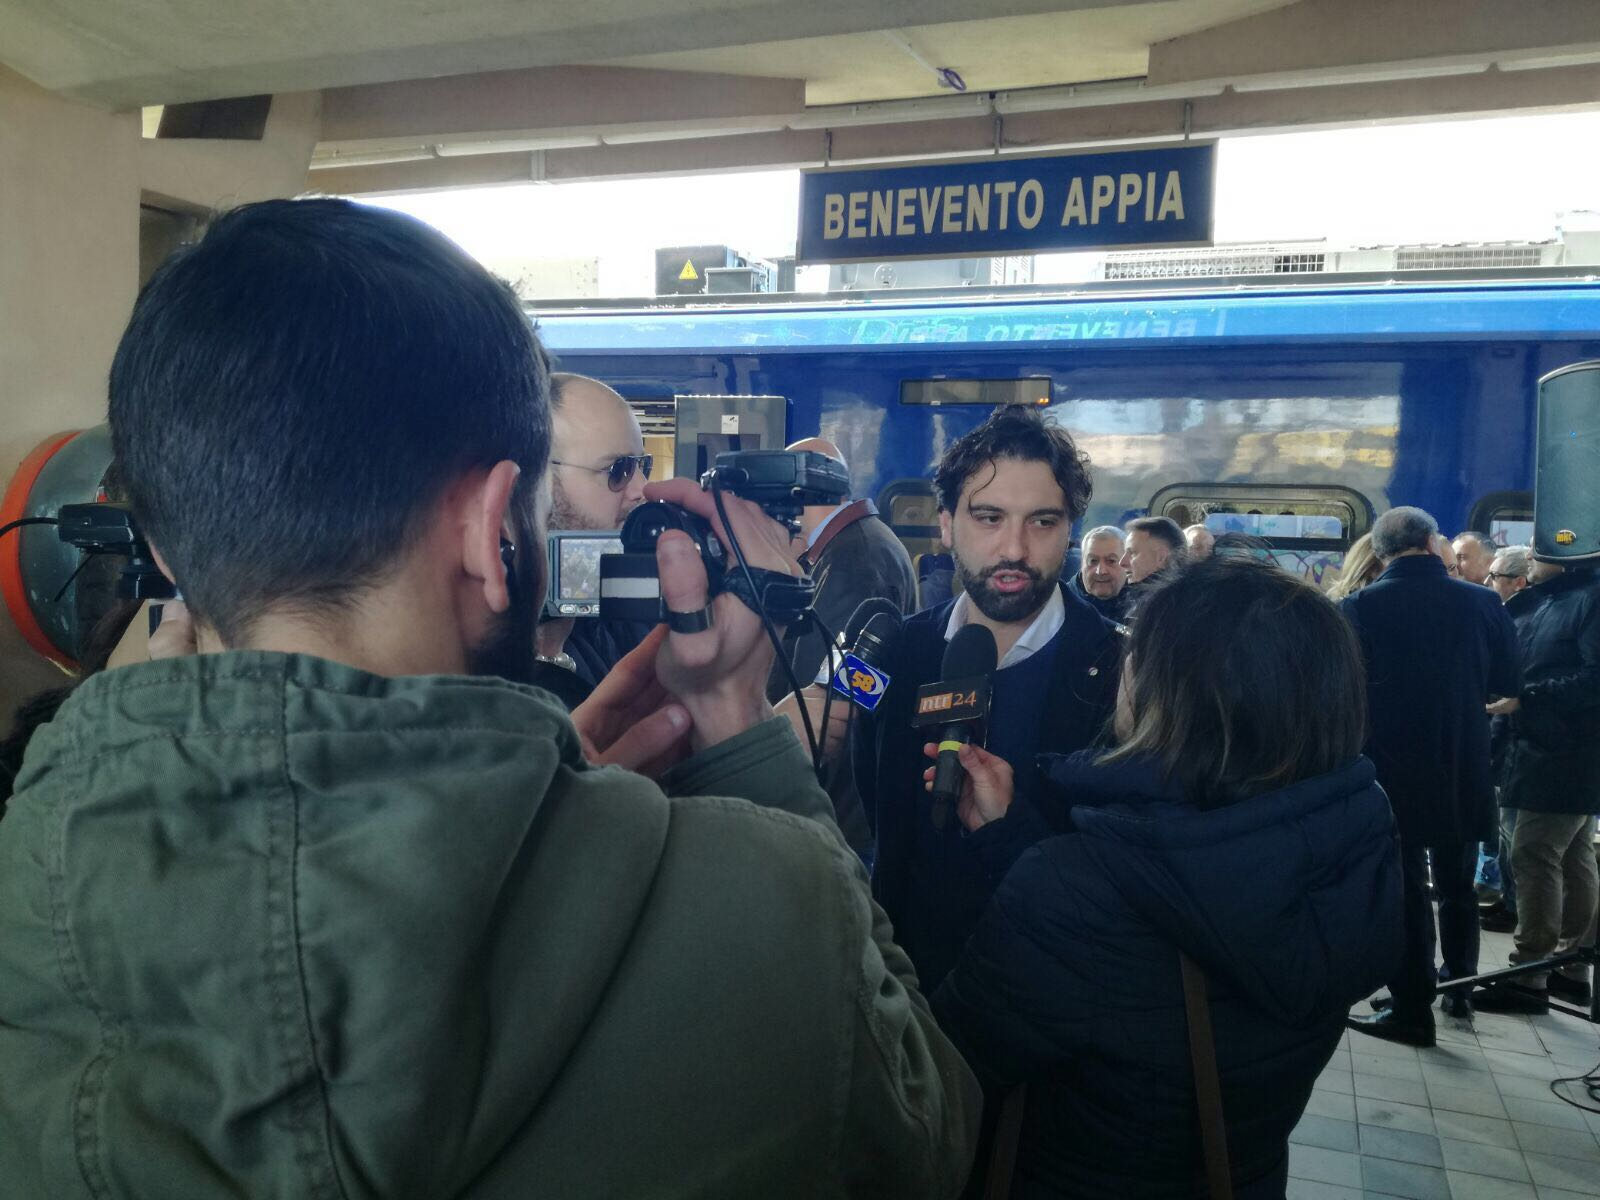 Nuovo treno sulla tratta Benevento/Napoli via Valle Caudina